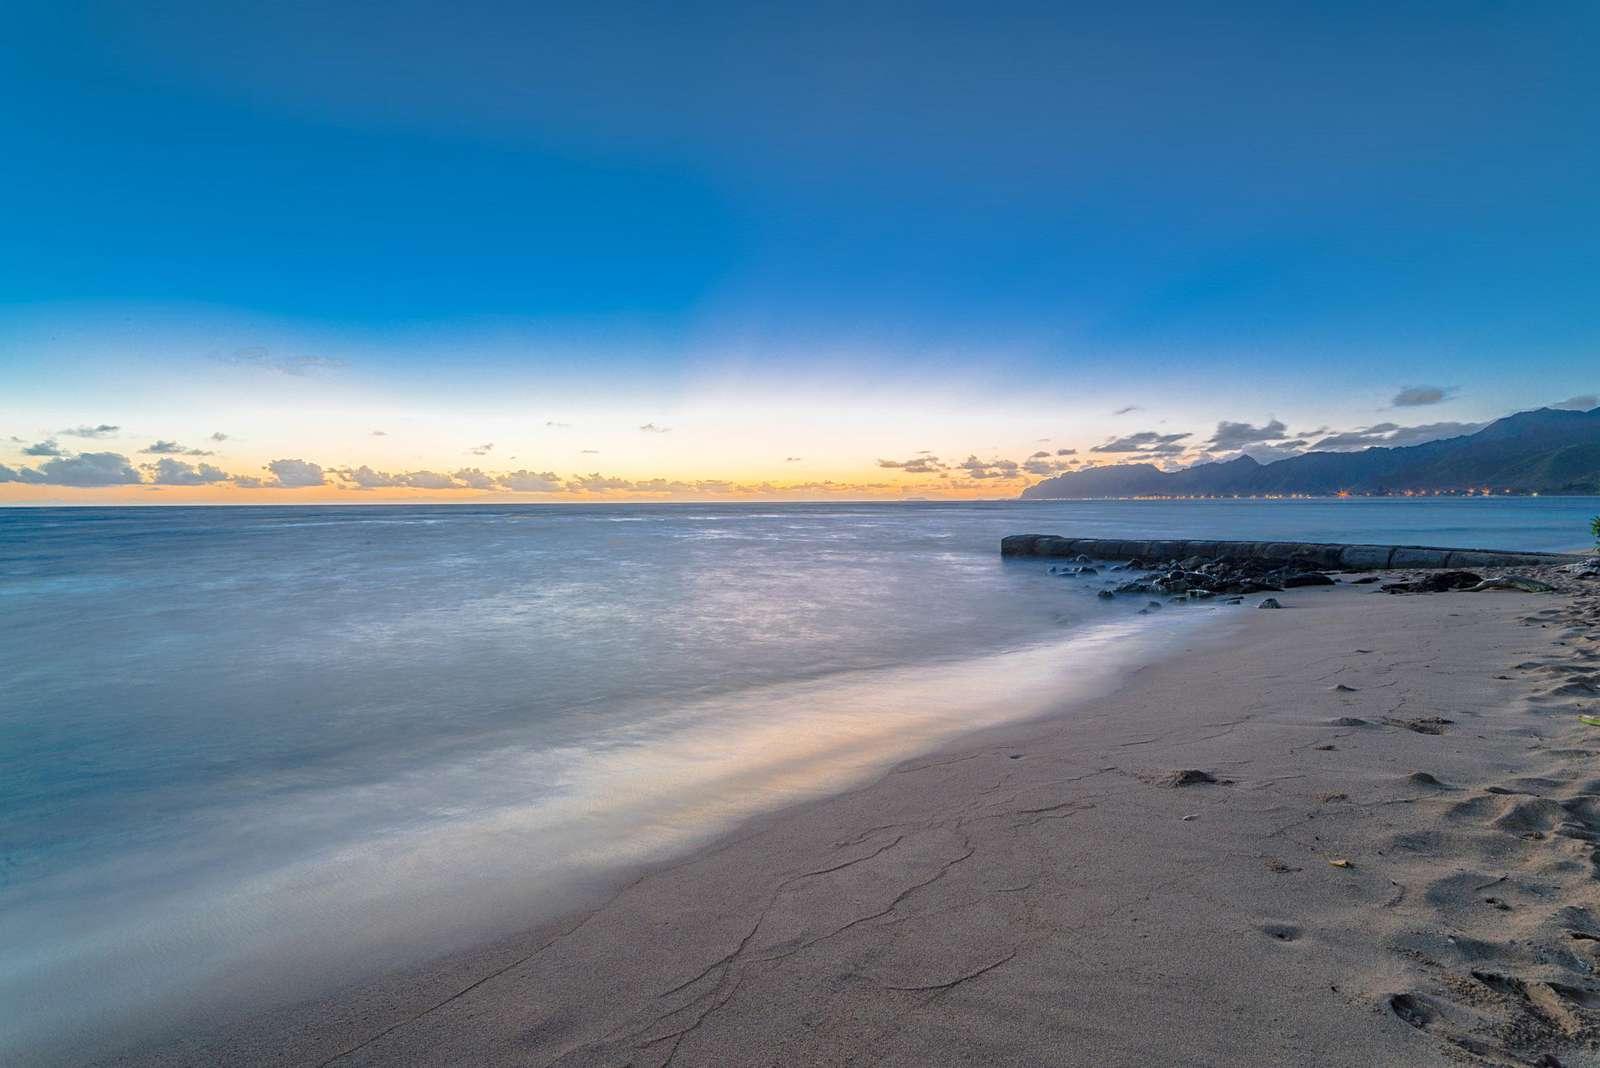 Early morning dawn at beach of Tiki Moon Villas  - property